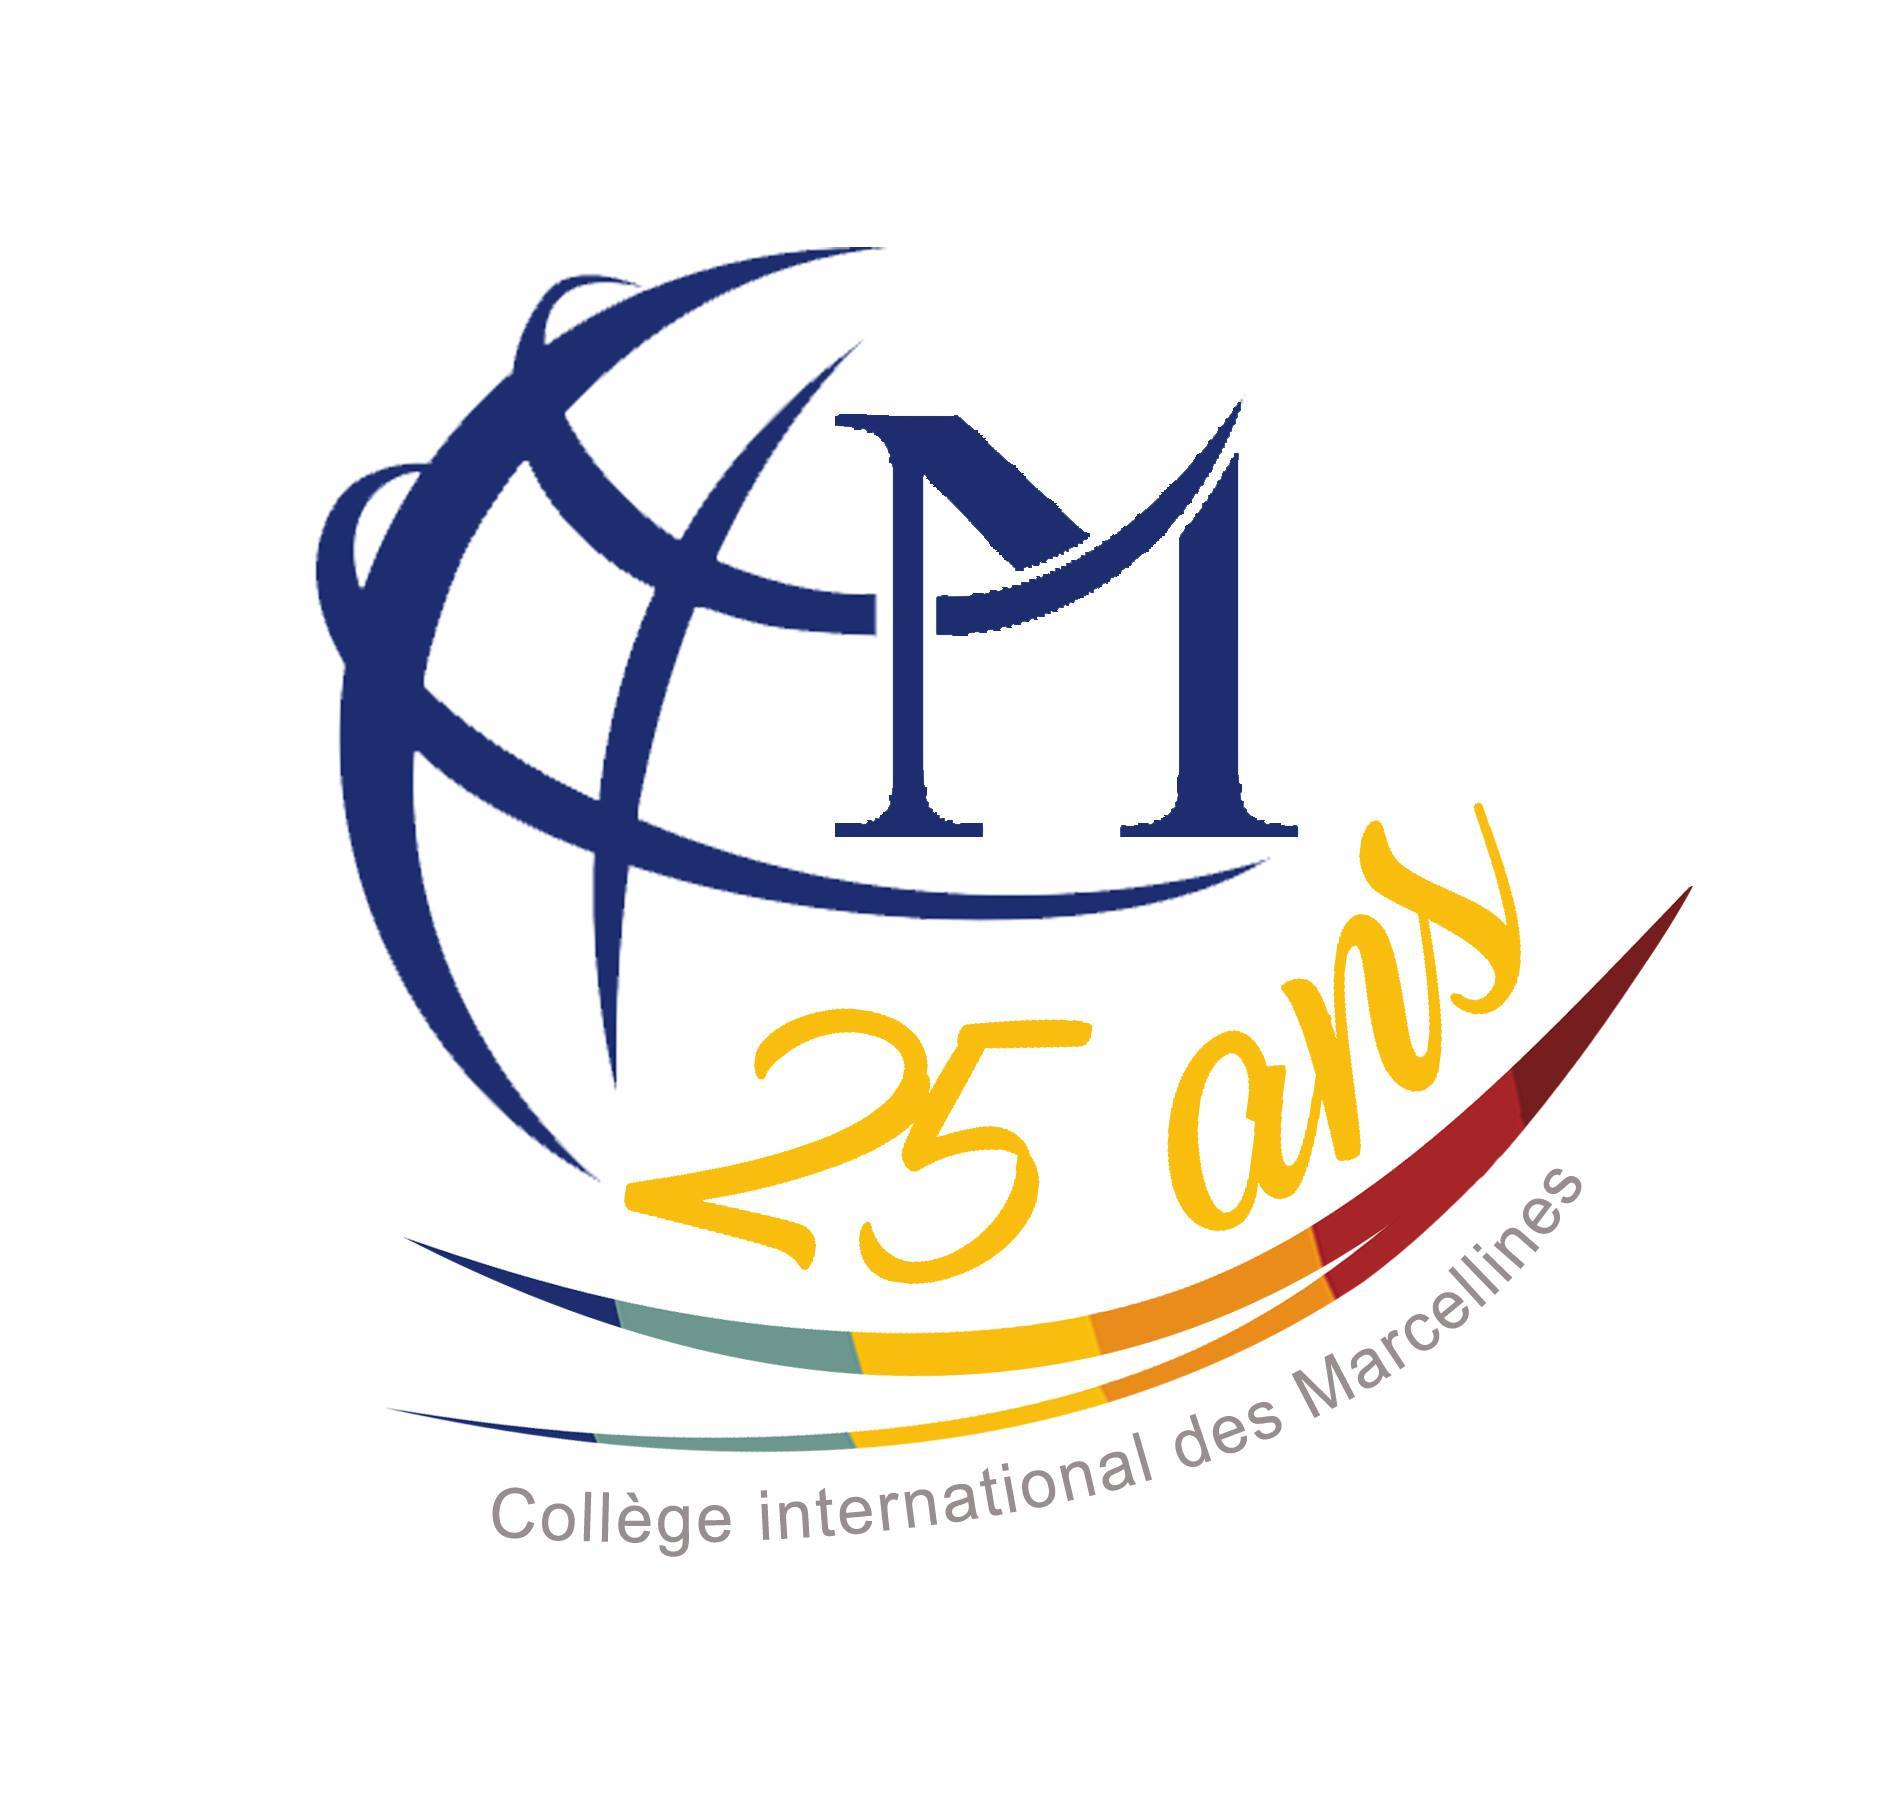 Le CIM fête ses 25 ans!